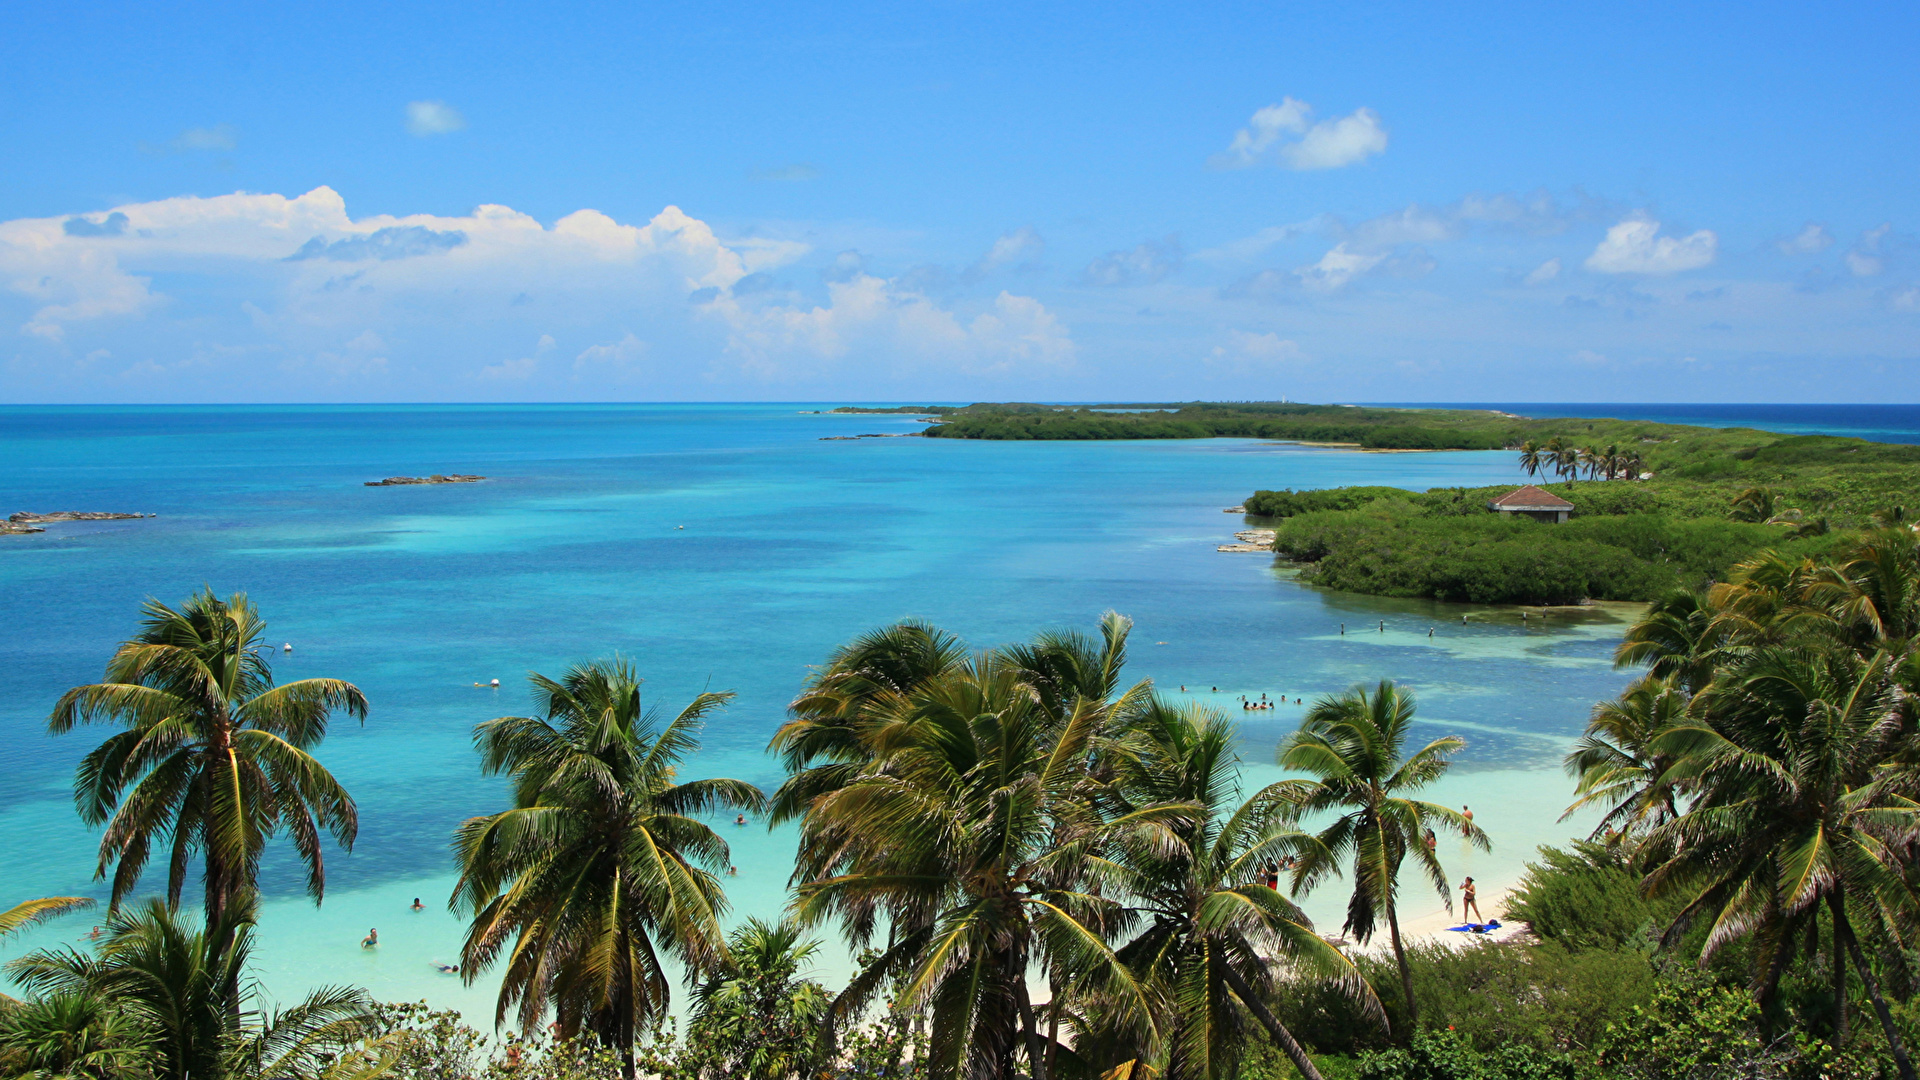 Обои для рабочего стола Мексика Cancun Море Природа Пальмы берег 1920x1080 пальм пальма Побережье